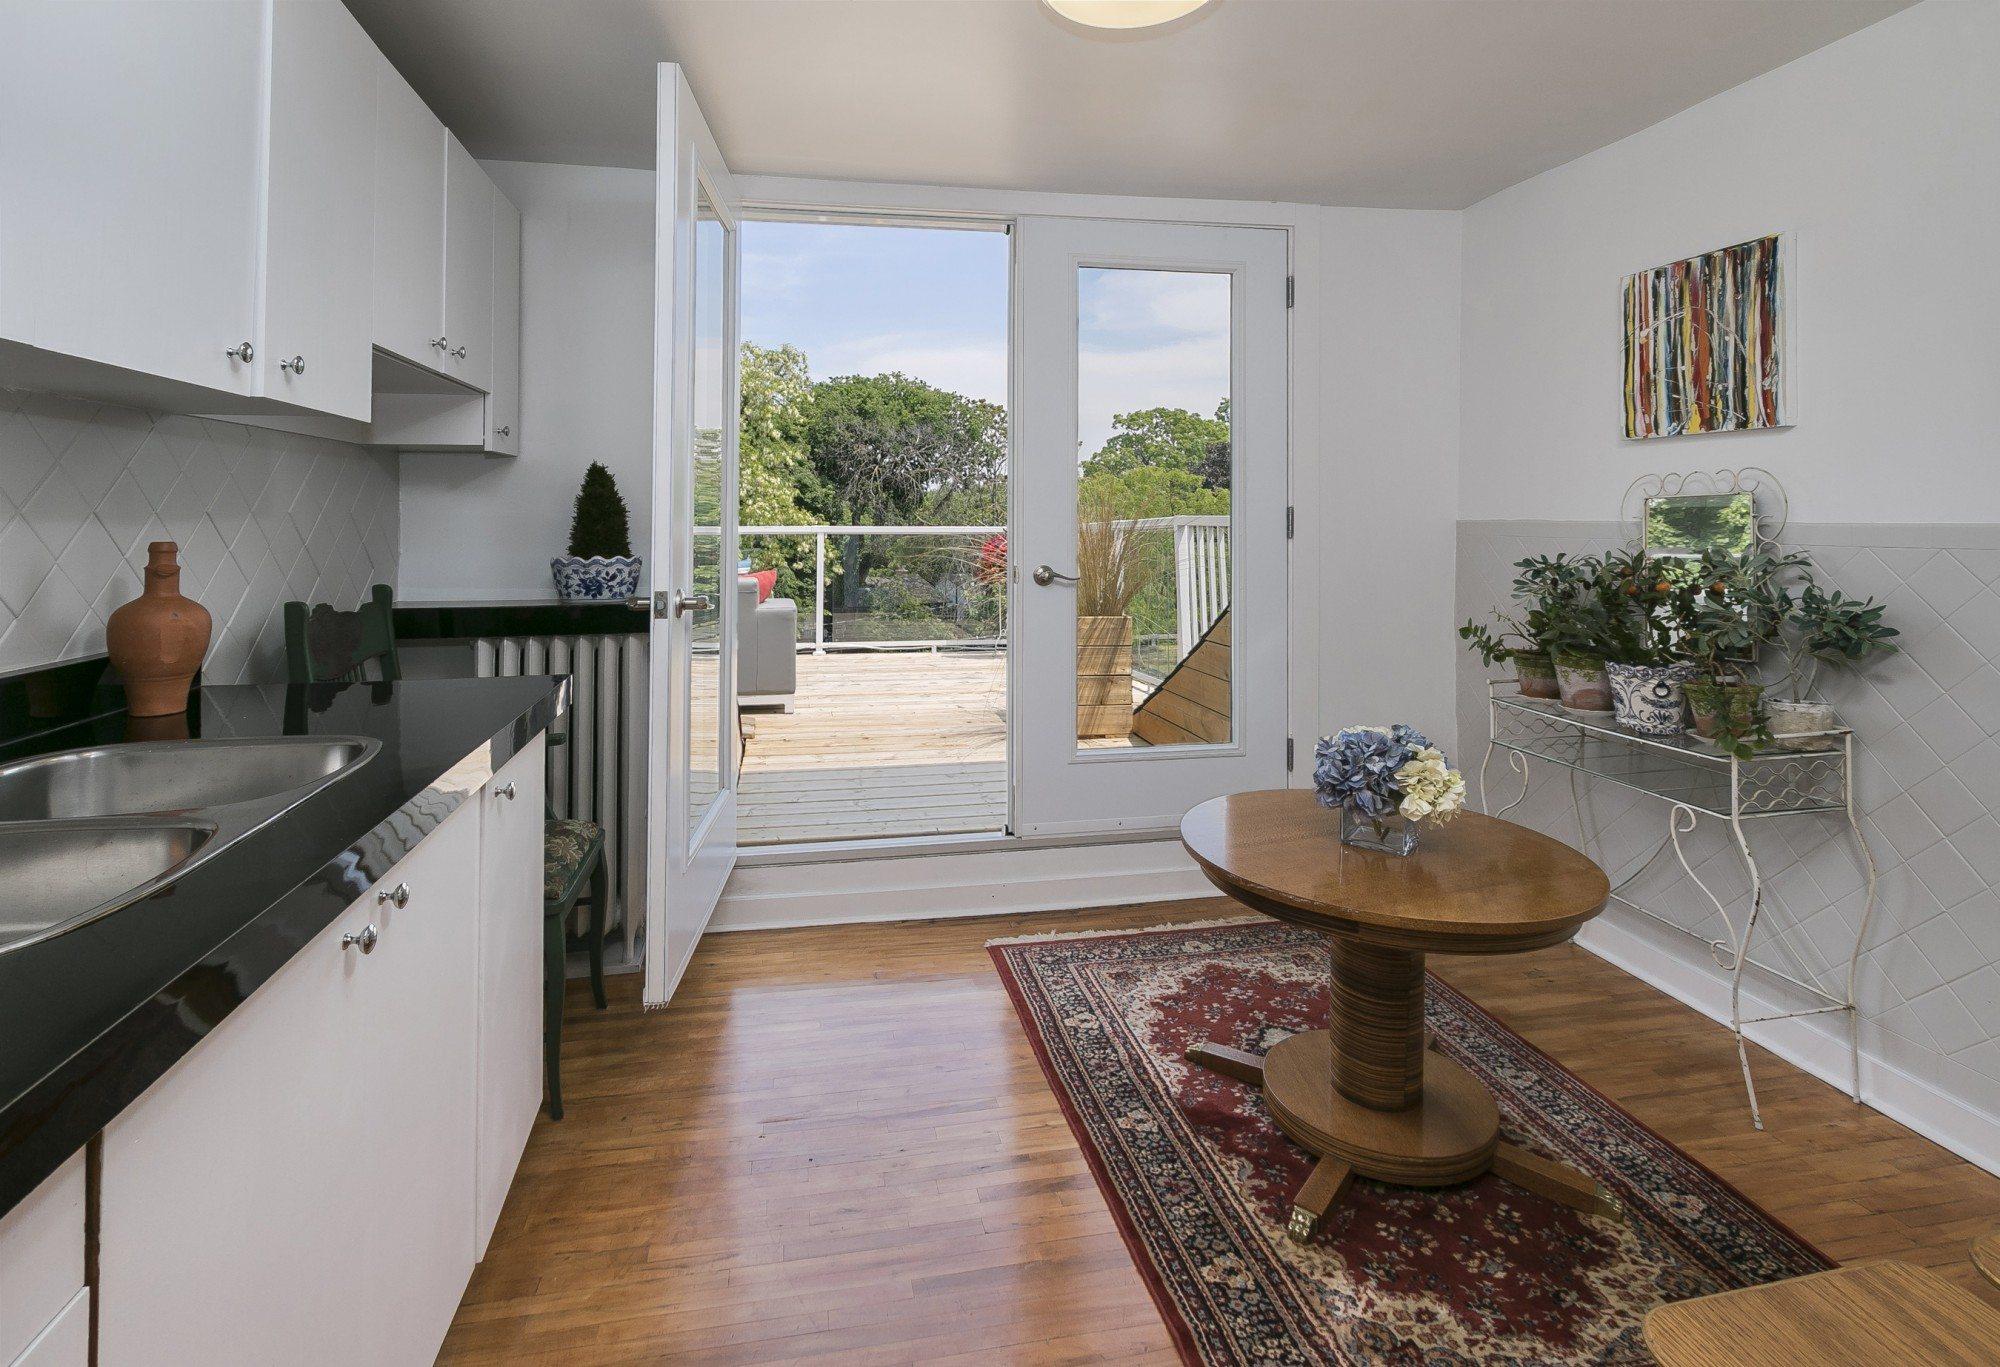 toronto-house-for-sale-15-glenholme-avenue-14